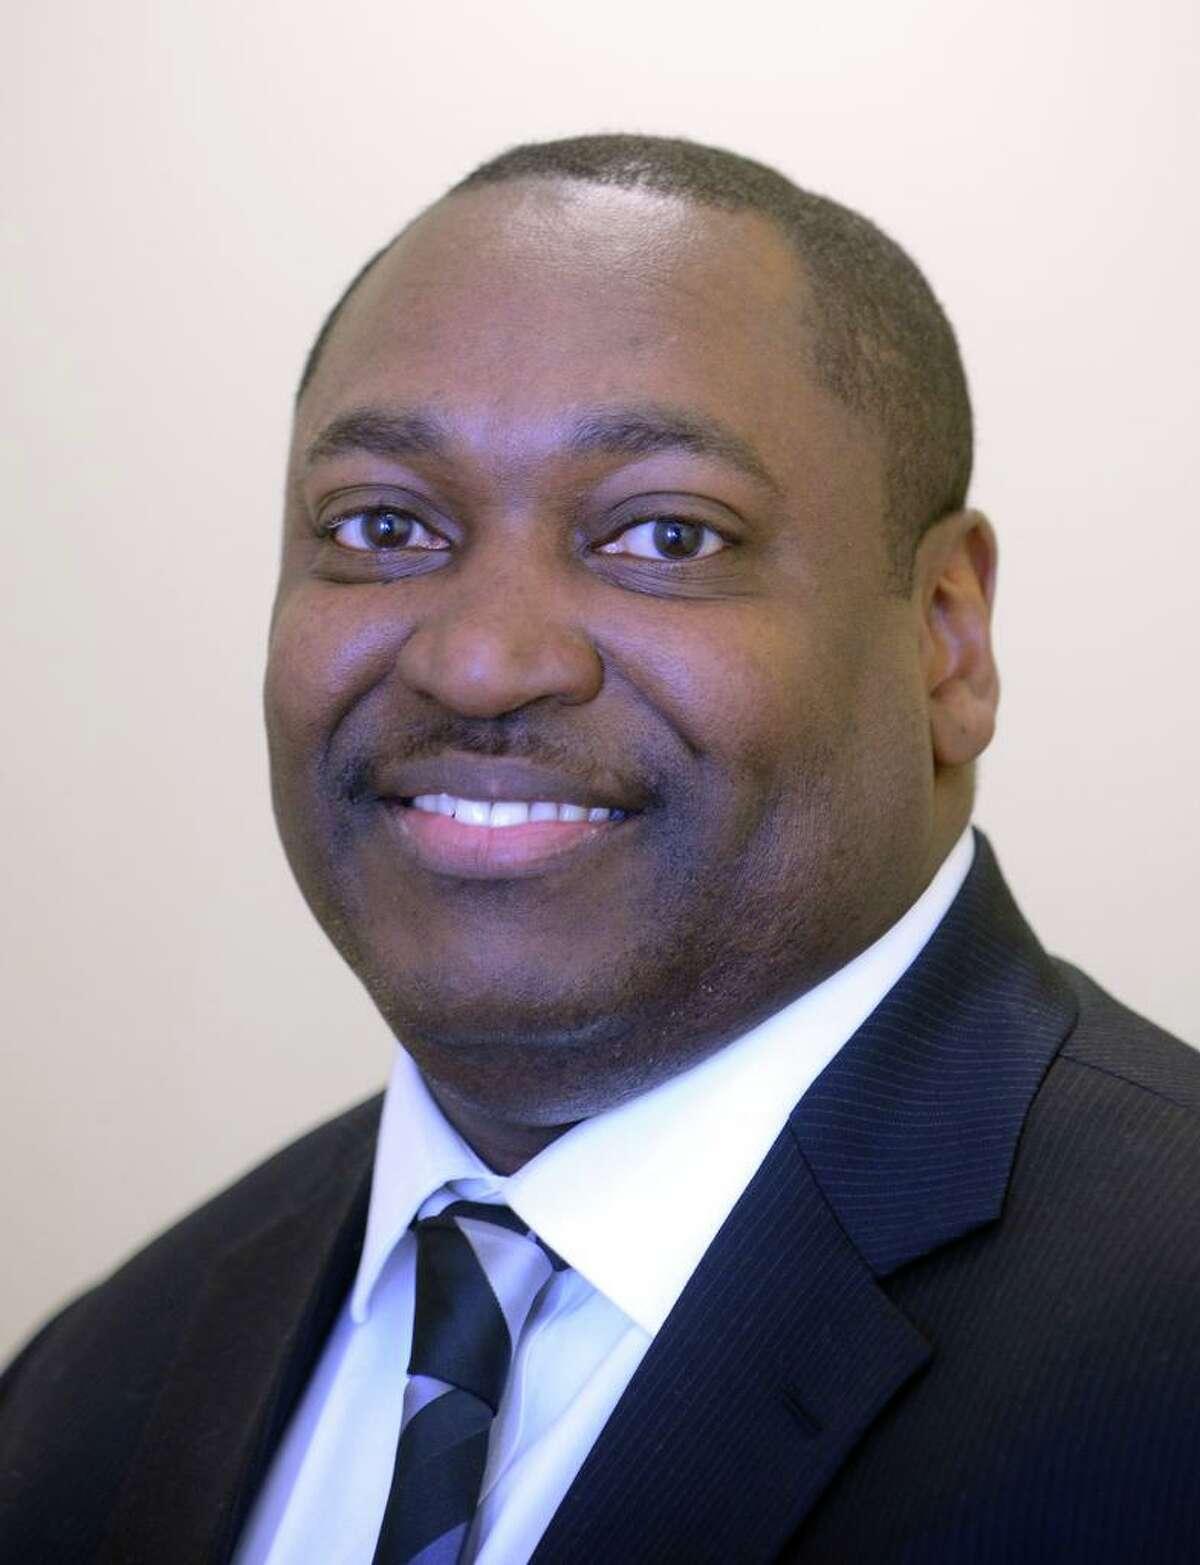 Housatonic Community College presidential candidate finalist Paul Broadie II.